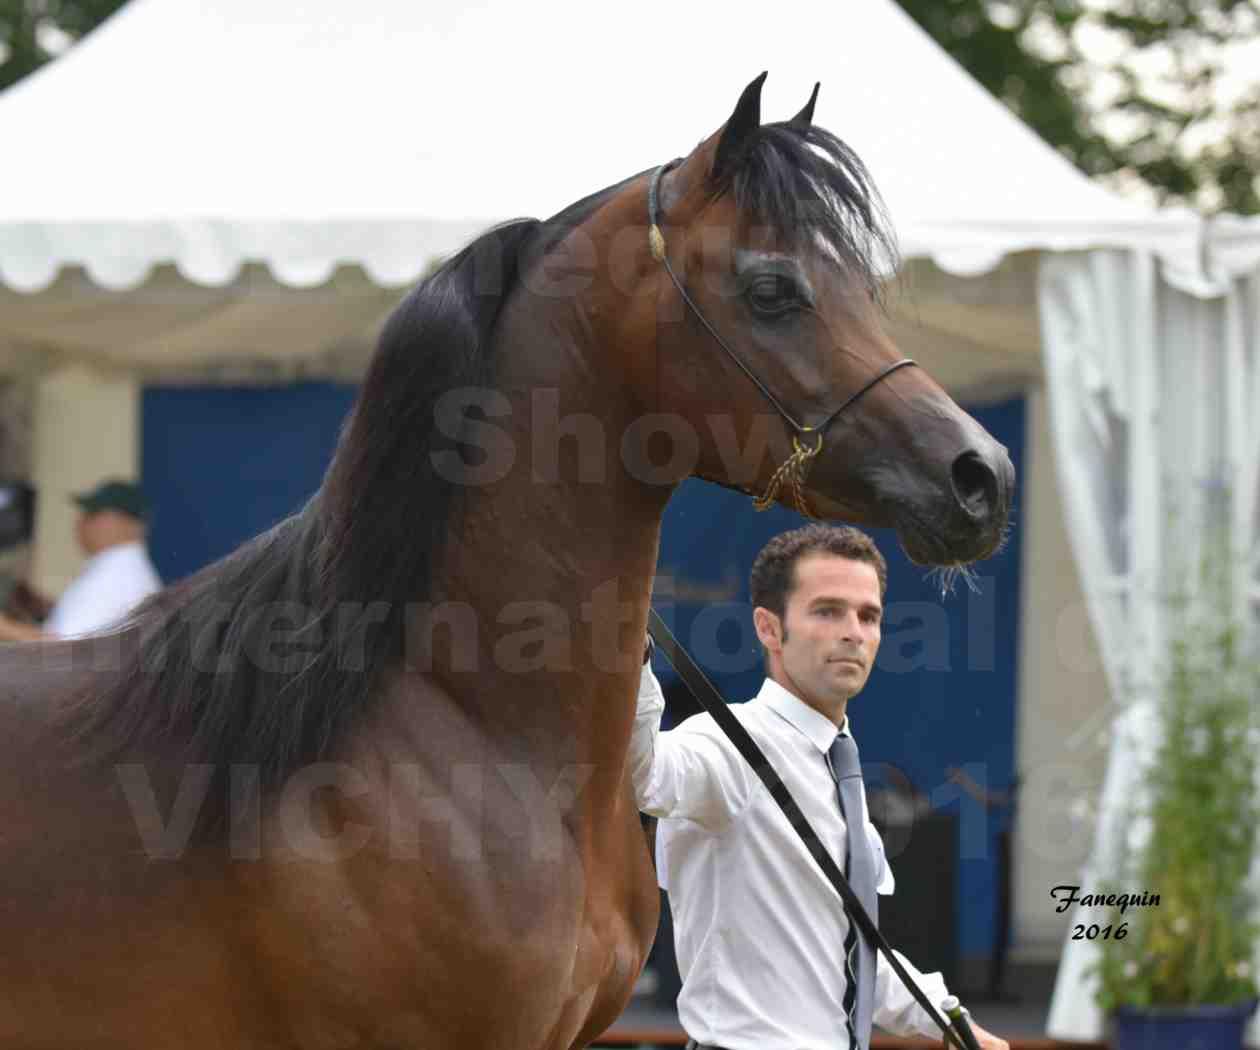 International Arabian Horse Show B de VICHY 2016 - MILLIAR - Notre Sélection - Portraits - 5